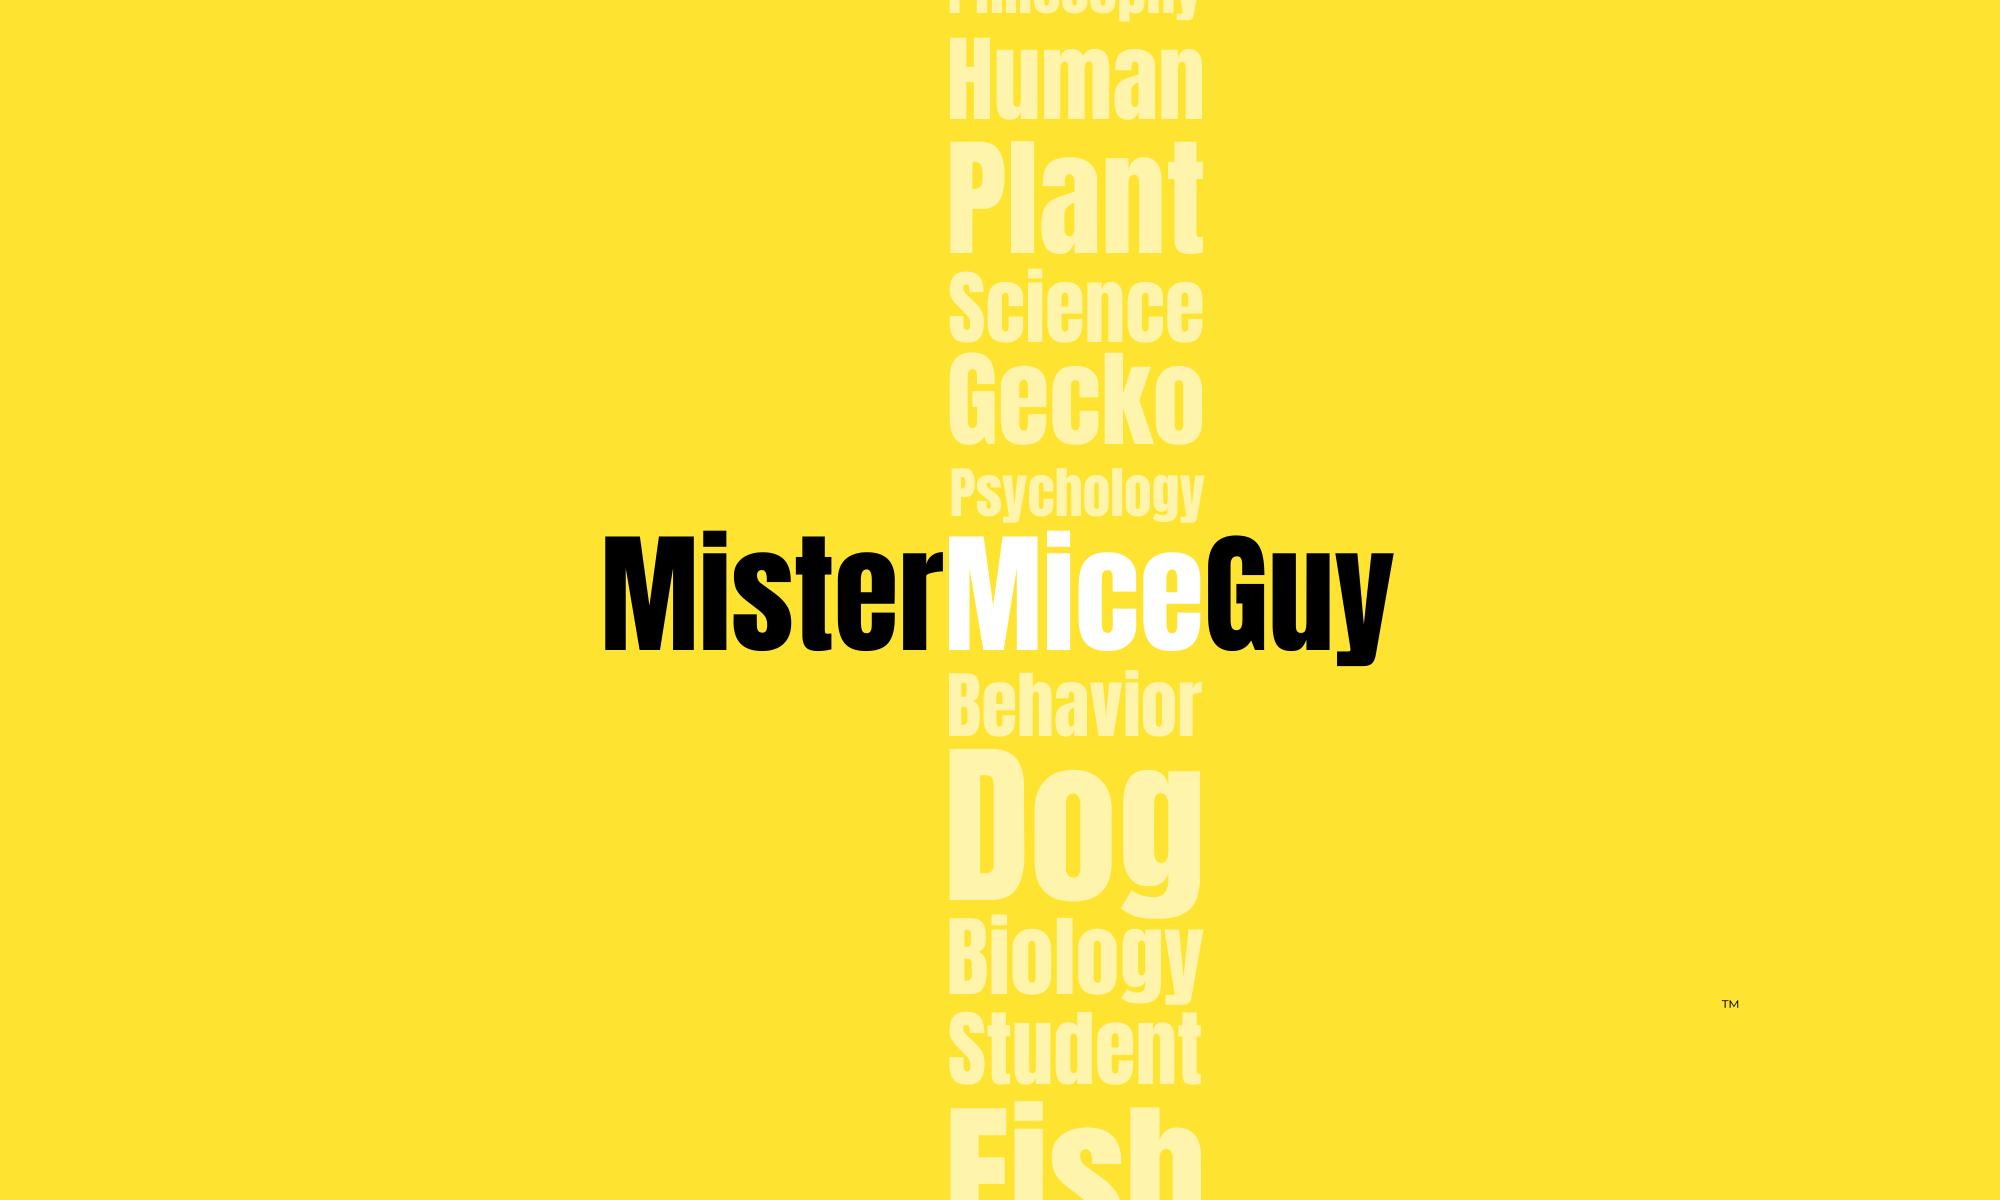 MisterMiceGuy